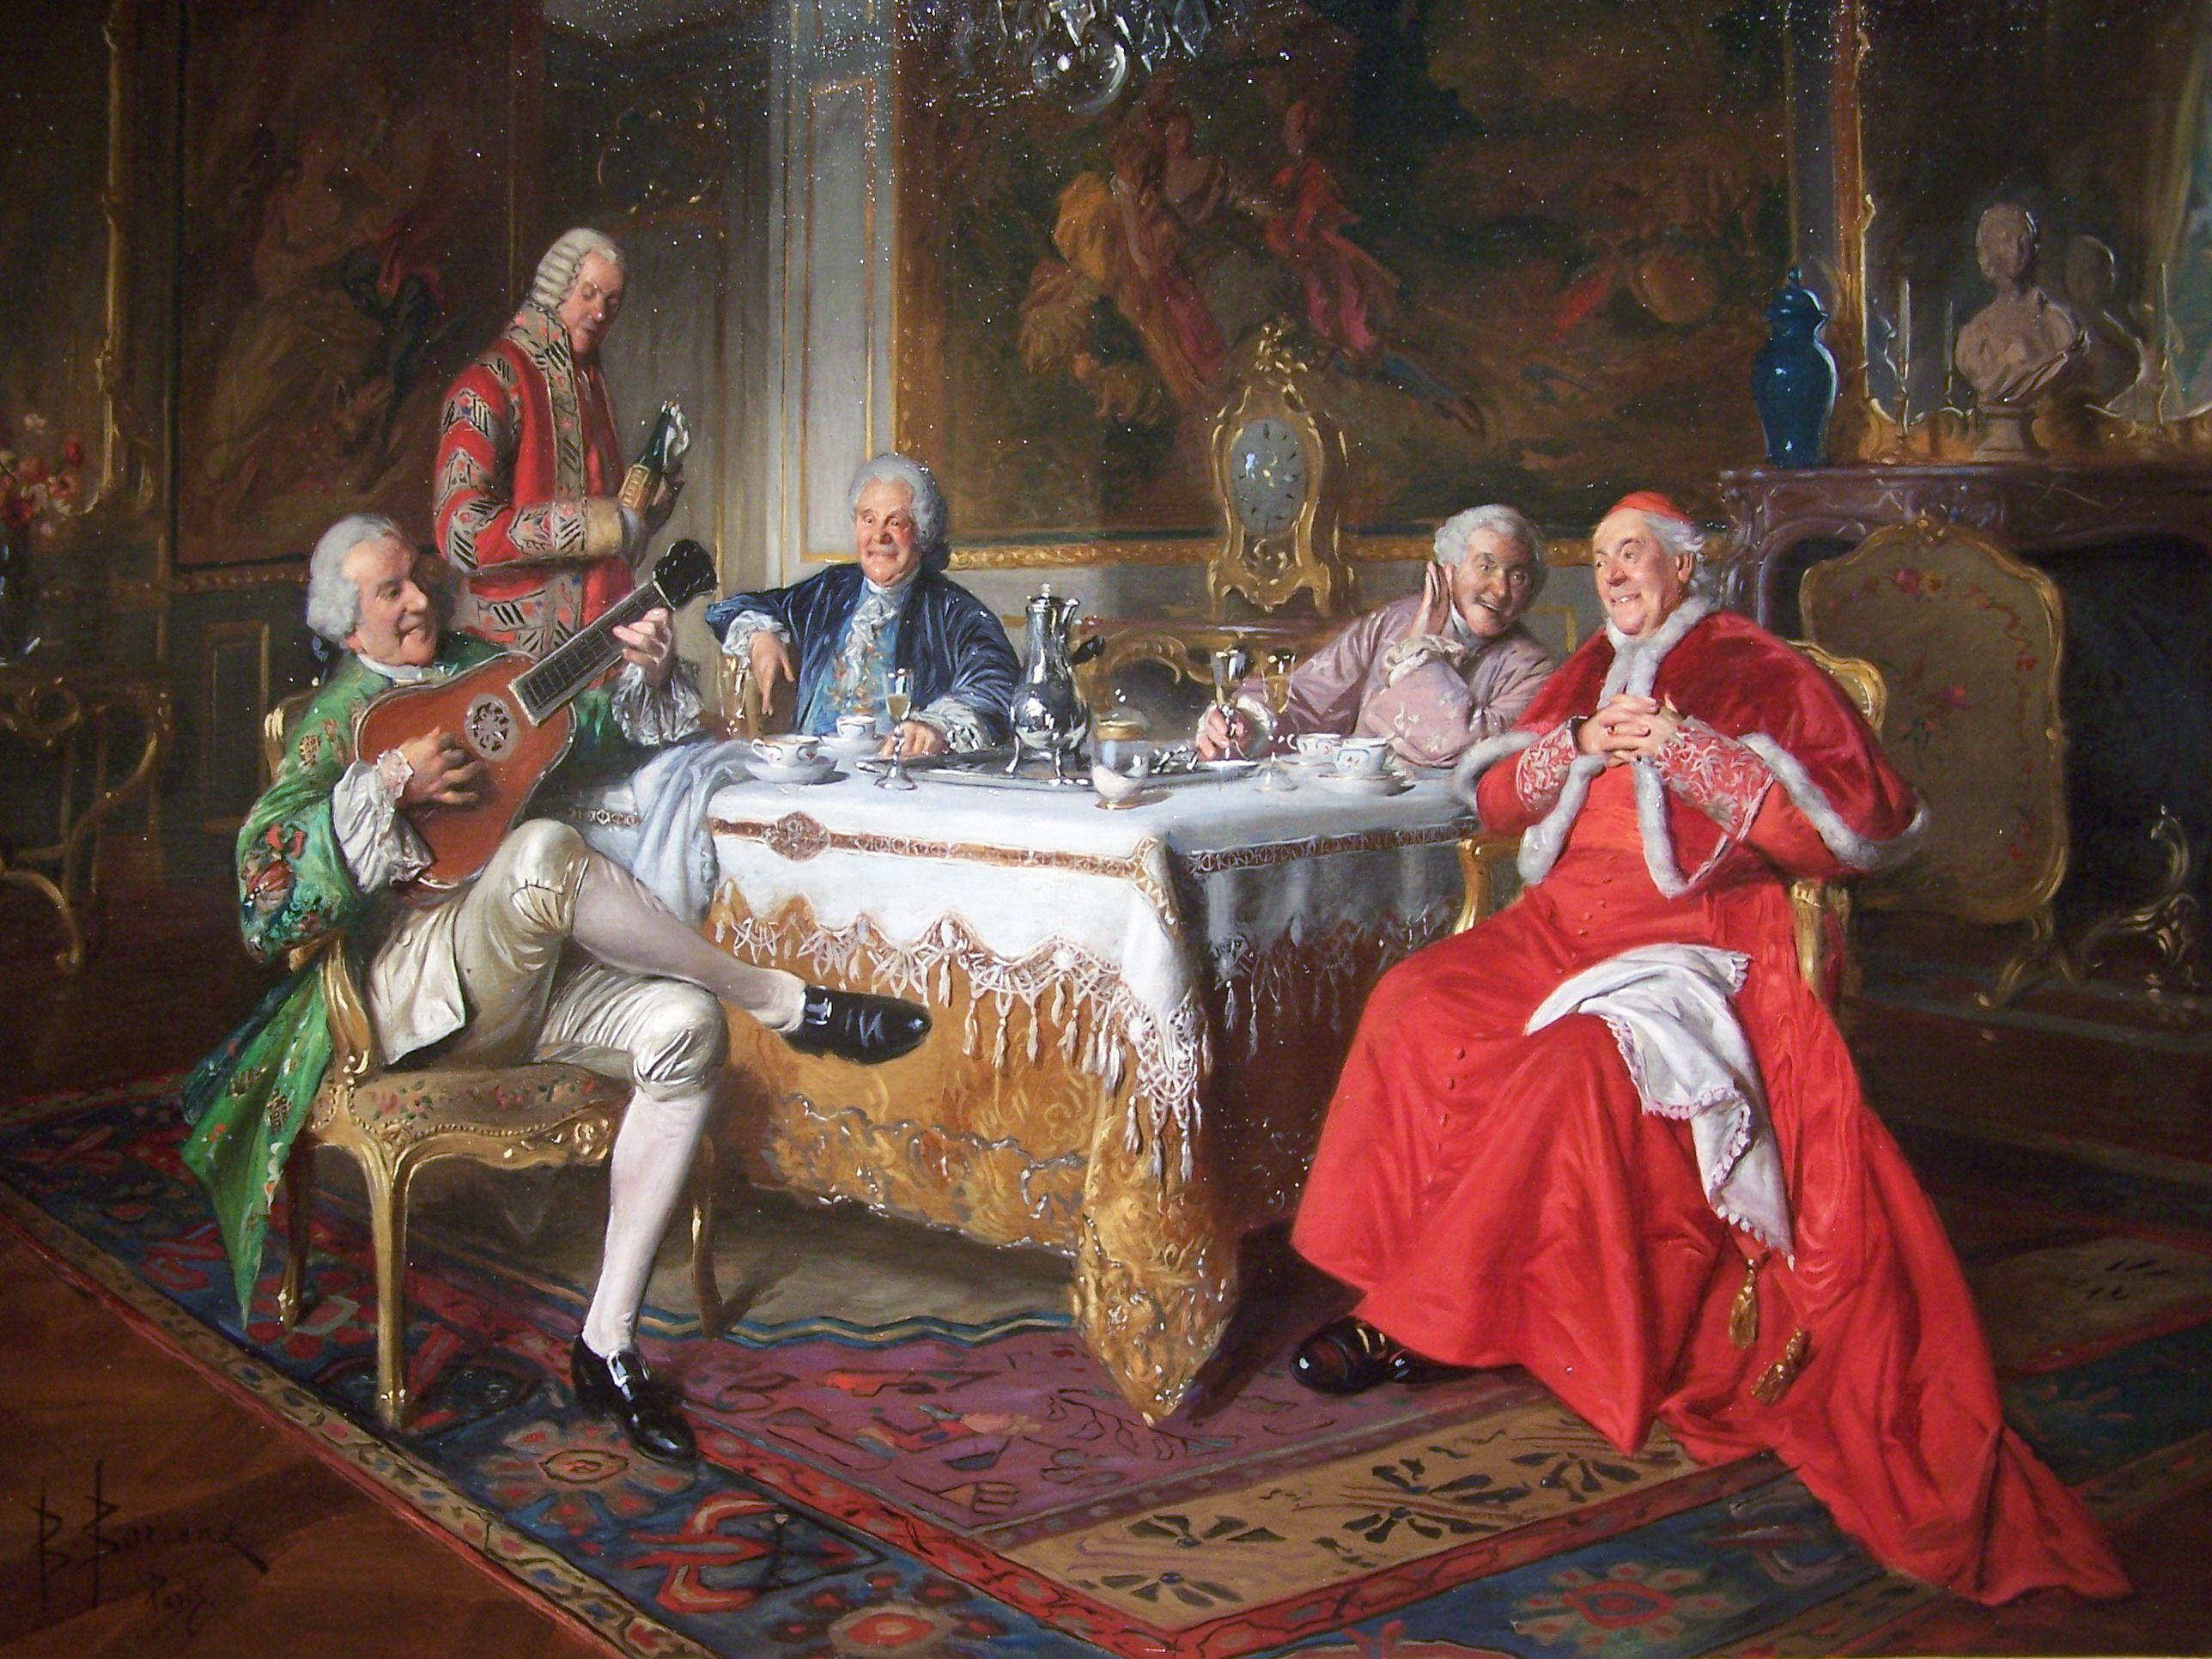 La cena del cardenal bernard louis borione artista for Cena en frances